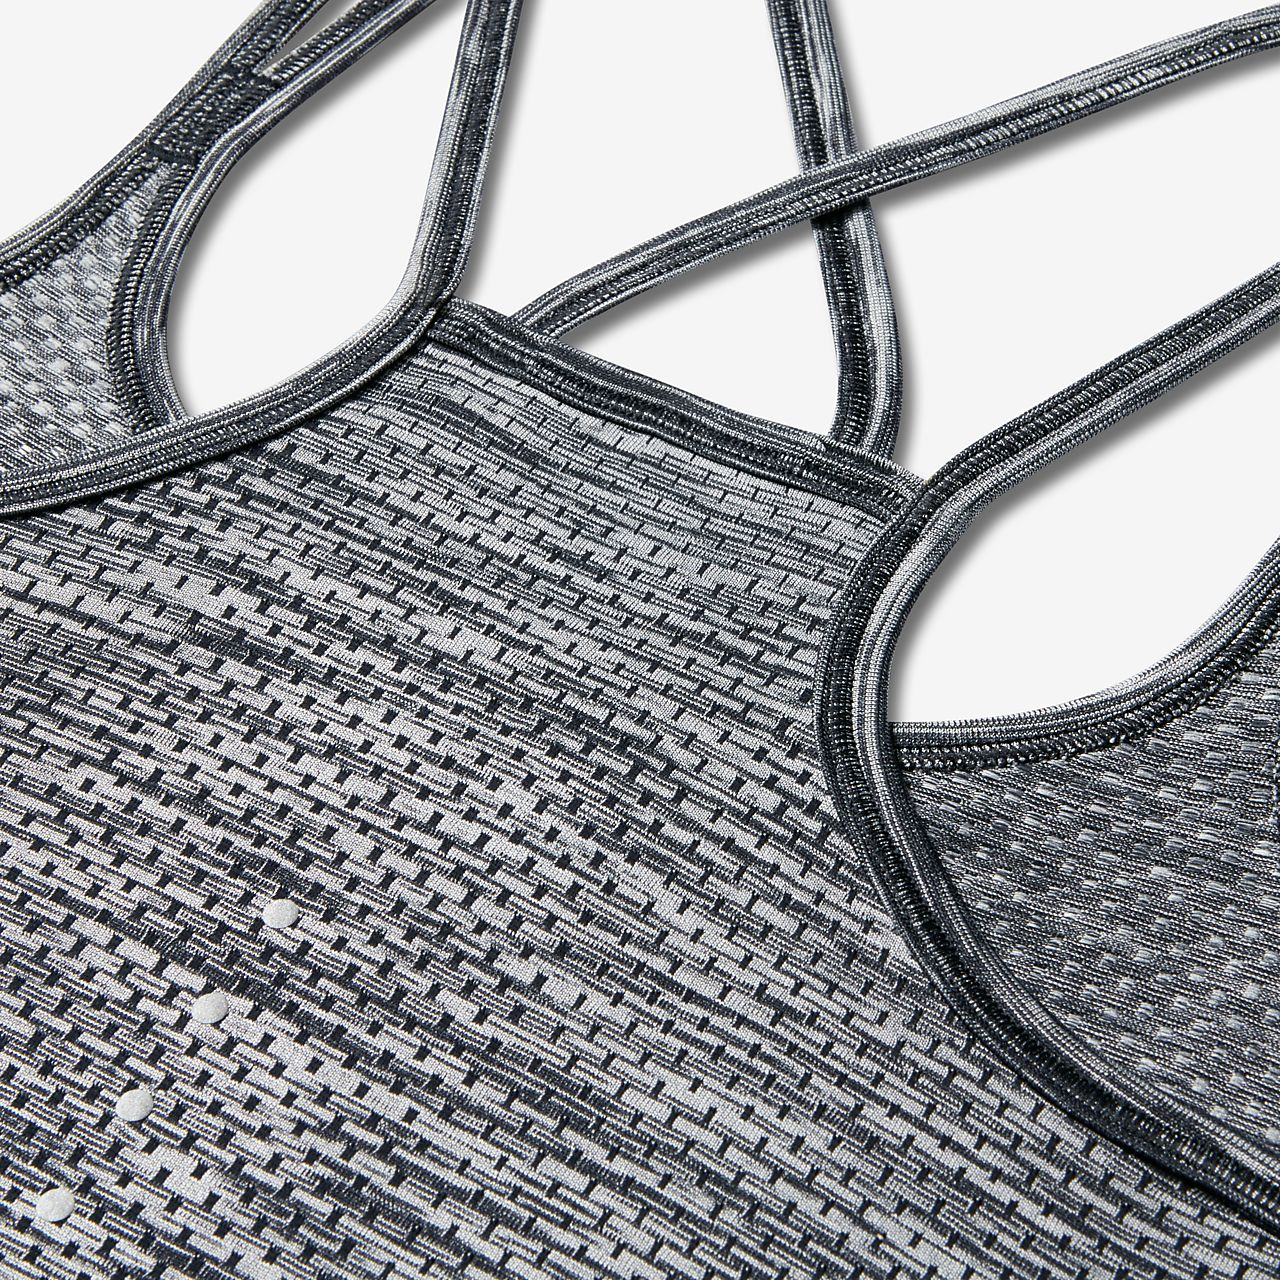 358b2627d0 Nike Dri-FIT Knit női futótrikó. Nike.com HU